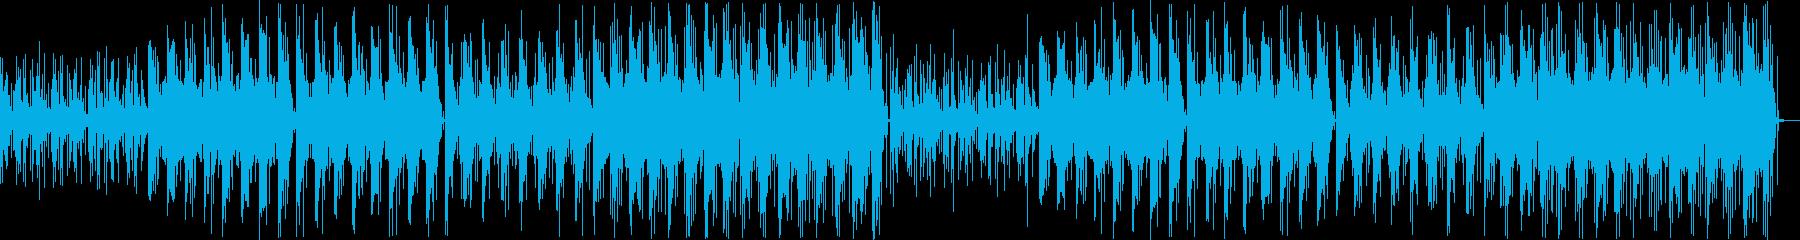 【チル】ゆったりとしたBGM・1の再生済みの波形